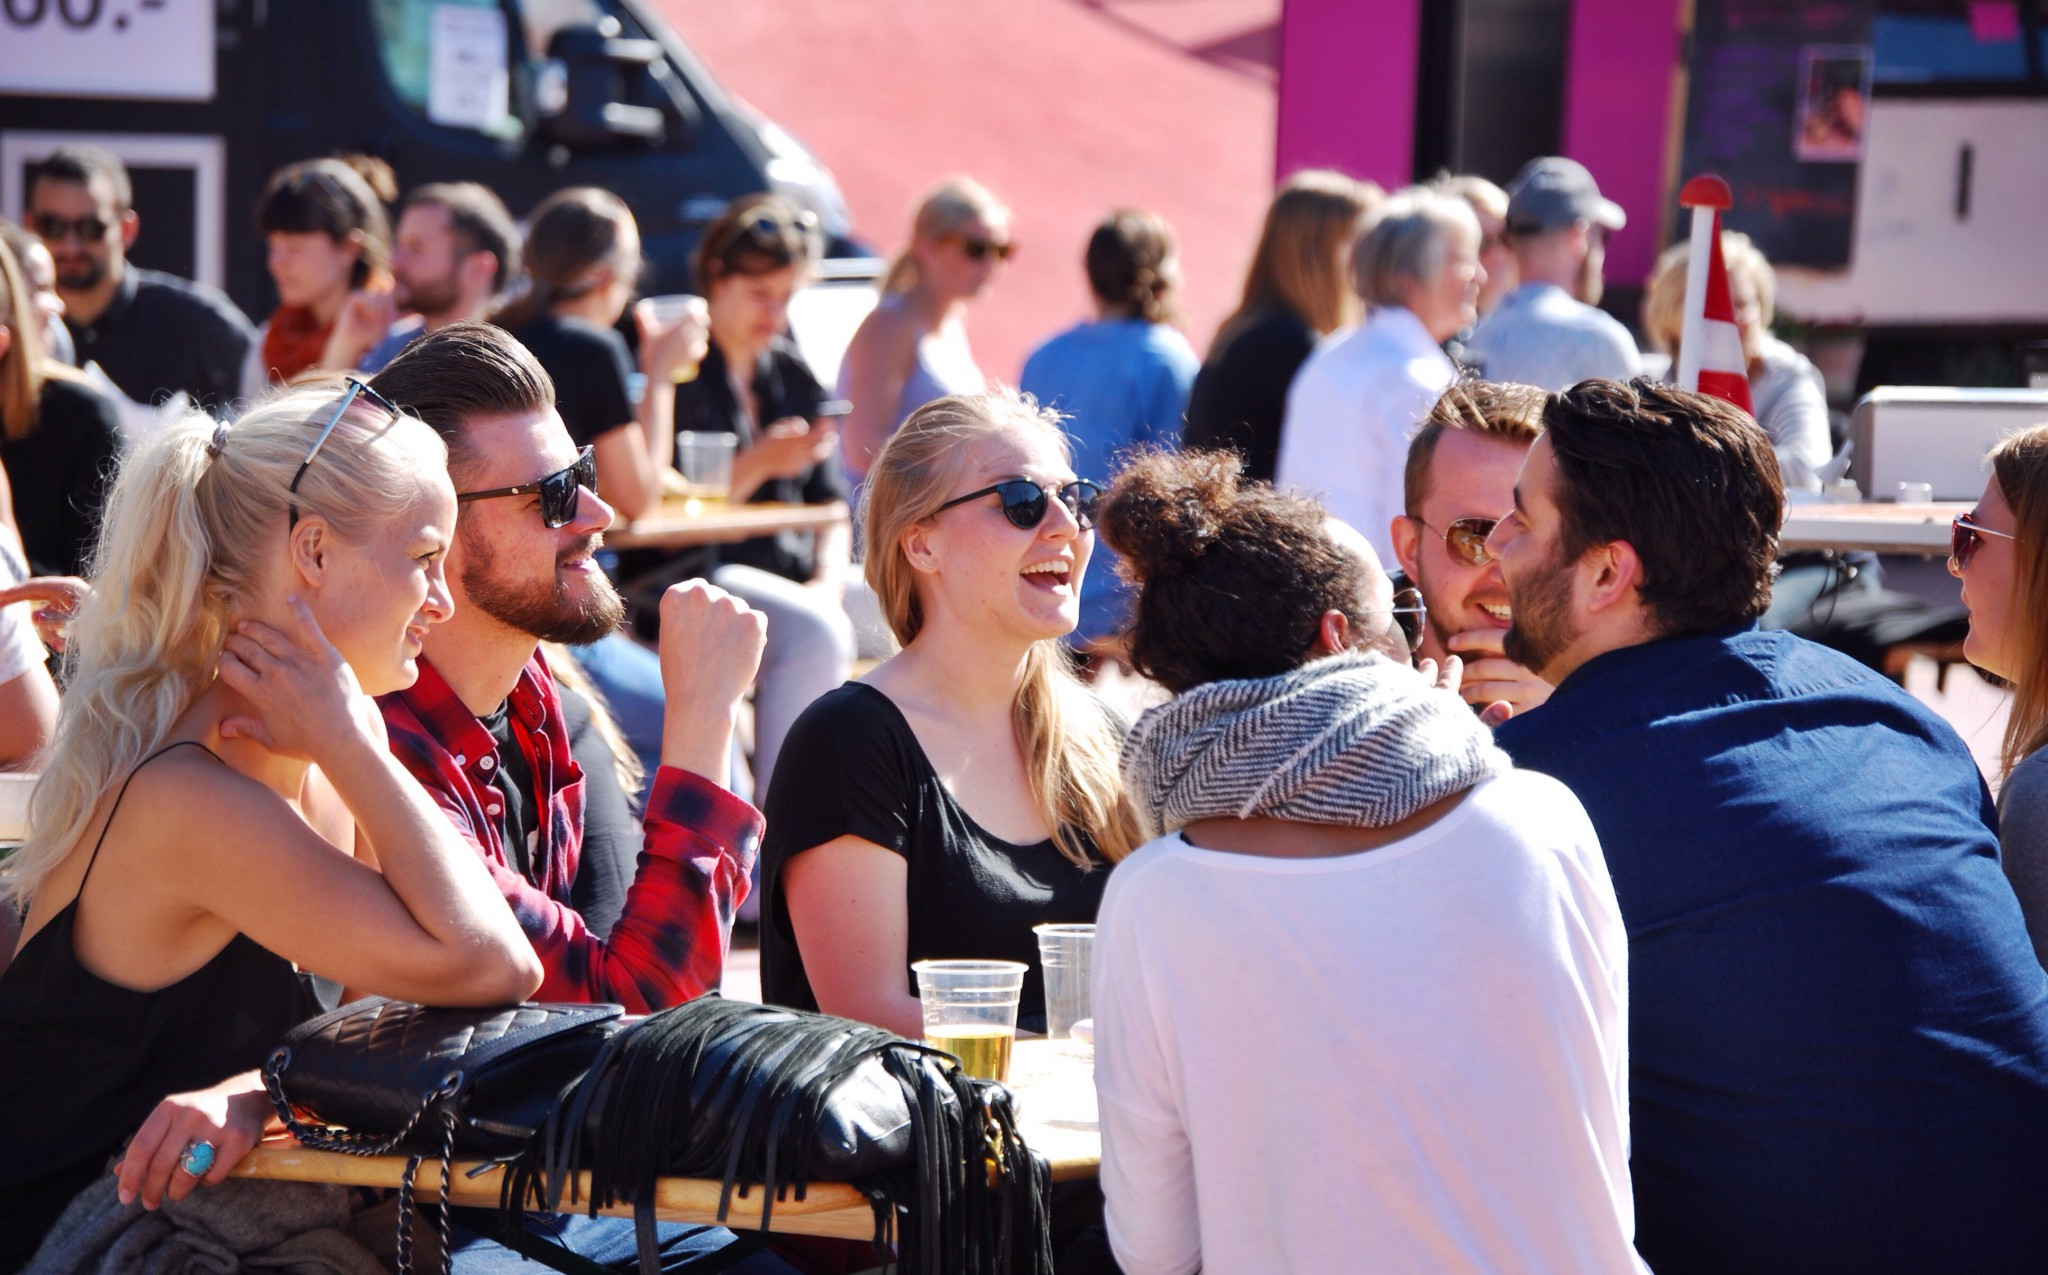 Street food har bidt sig fast i danskernes smagløg og er under stor udvikling